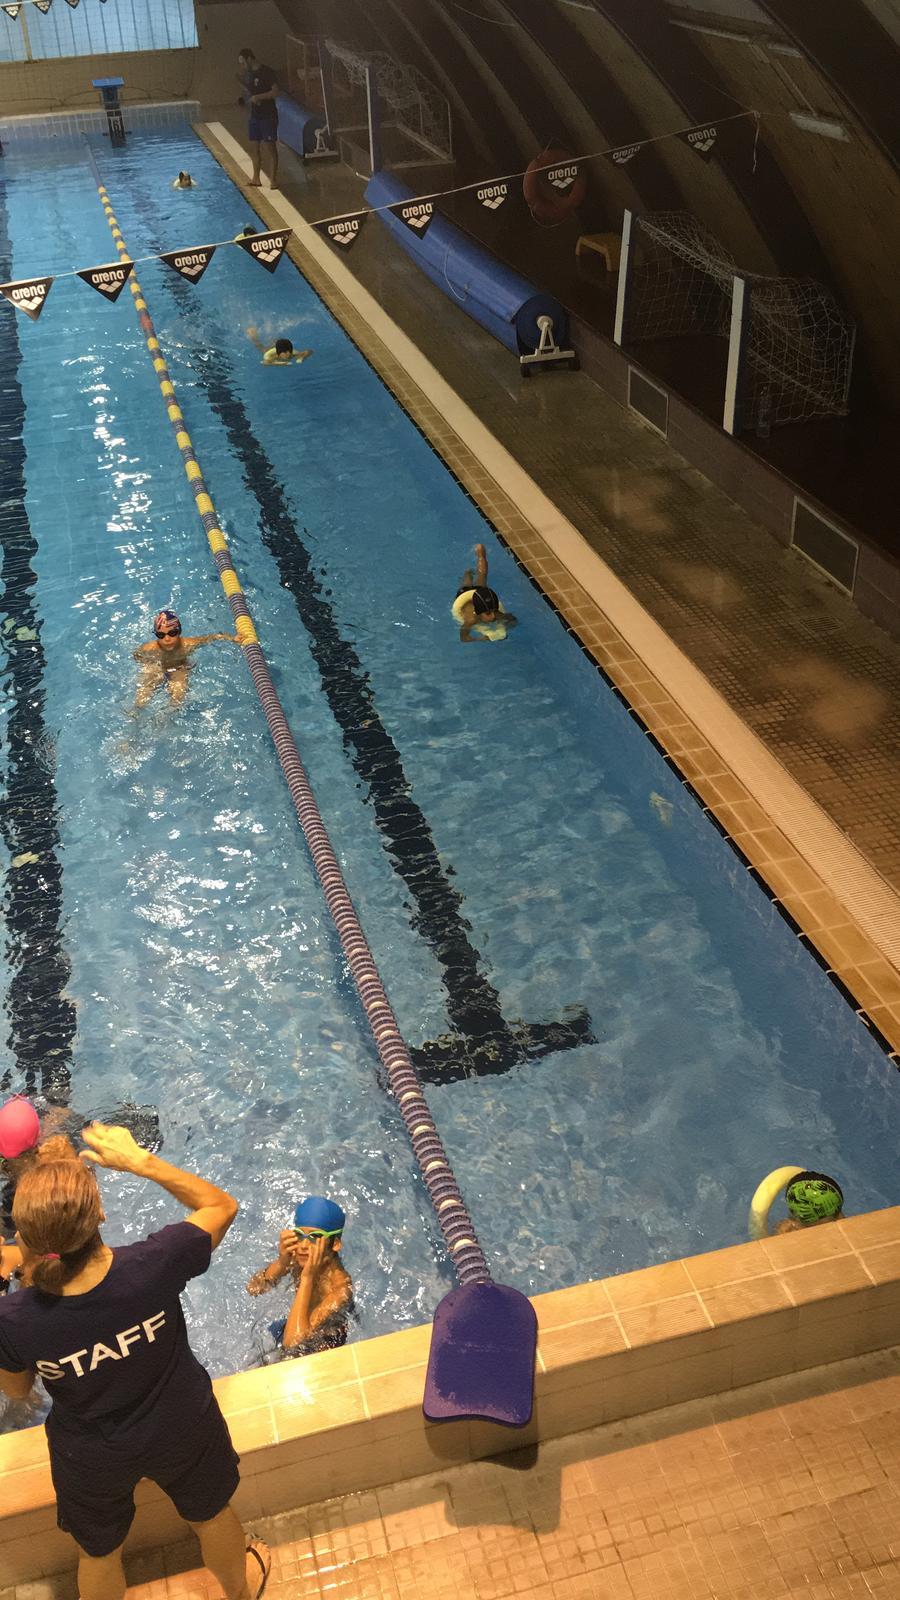 - No puedes poner un límite a nada. Cuanto más sueñas, más lejos llegas.Michael Phelps